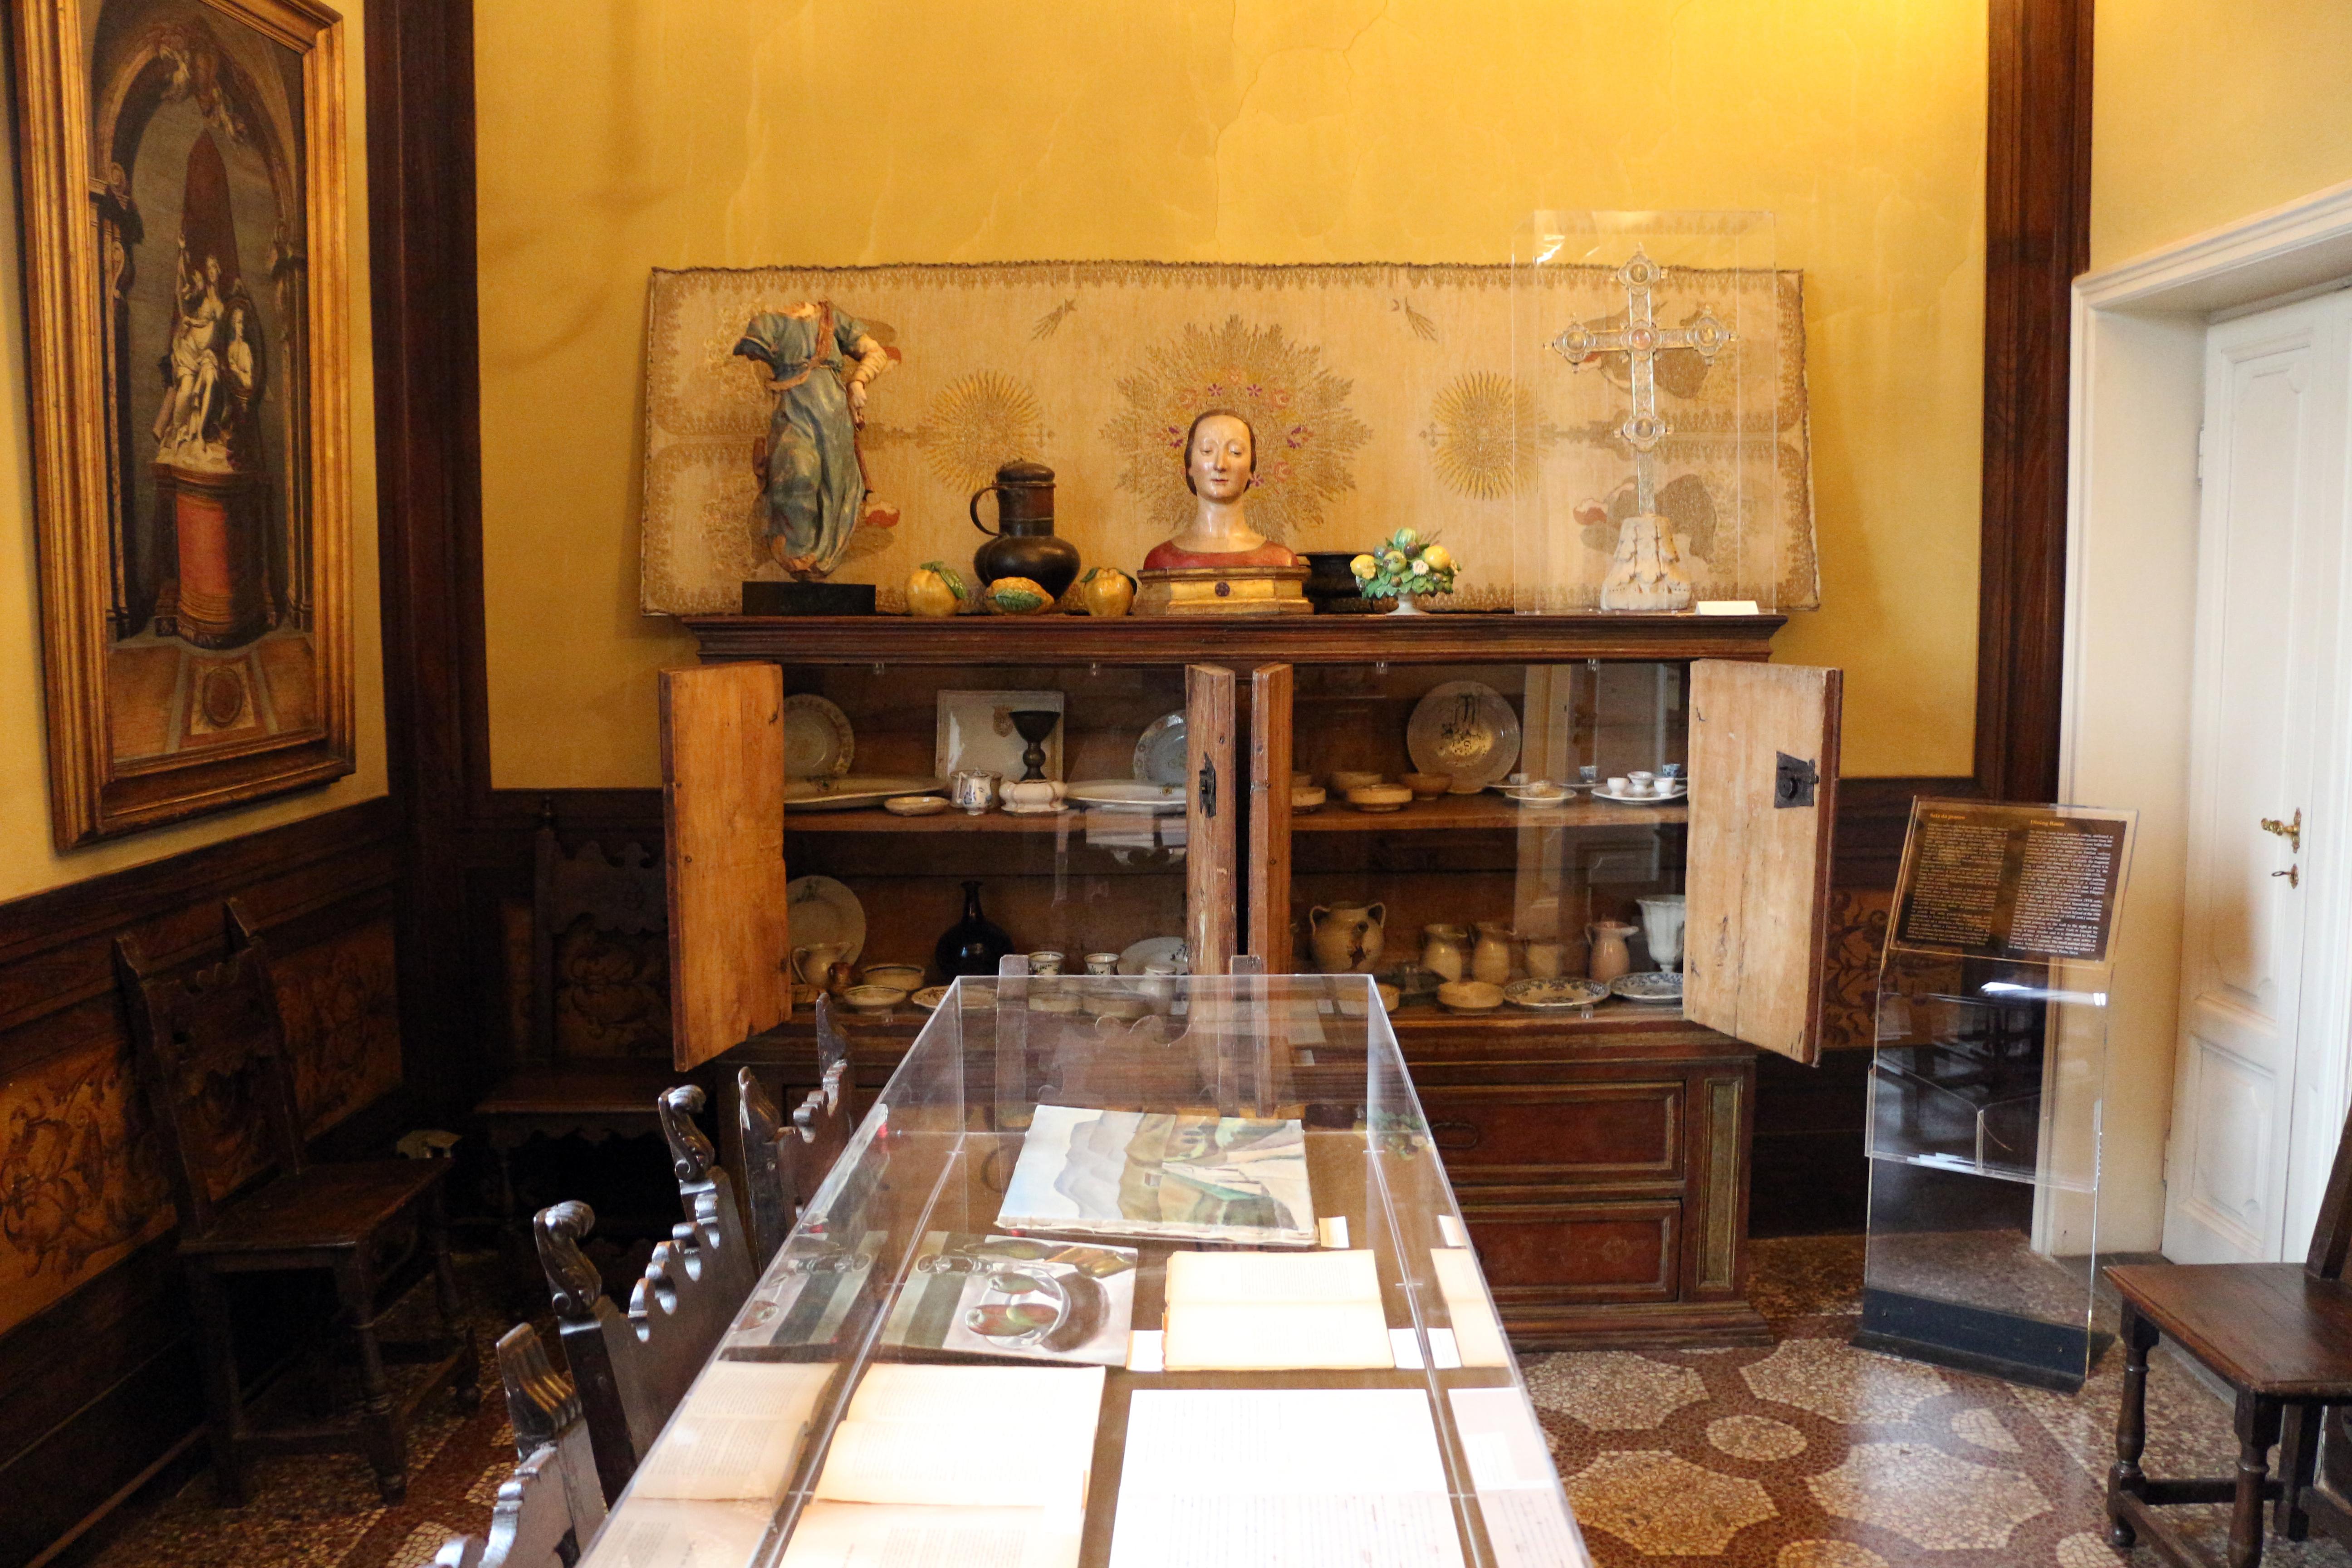 File:Casa siviero, sala da pranzo, credenza del xviii secolo.JPG ...